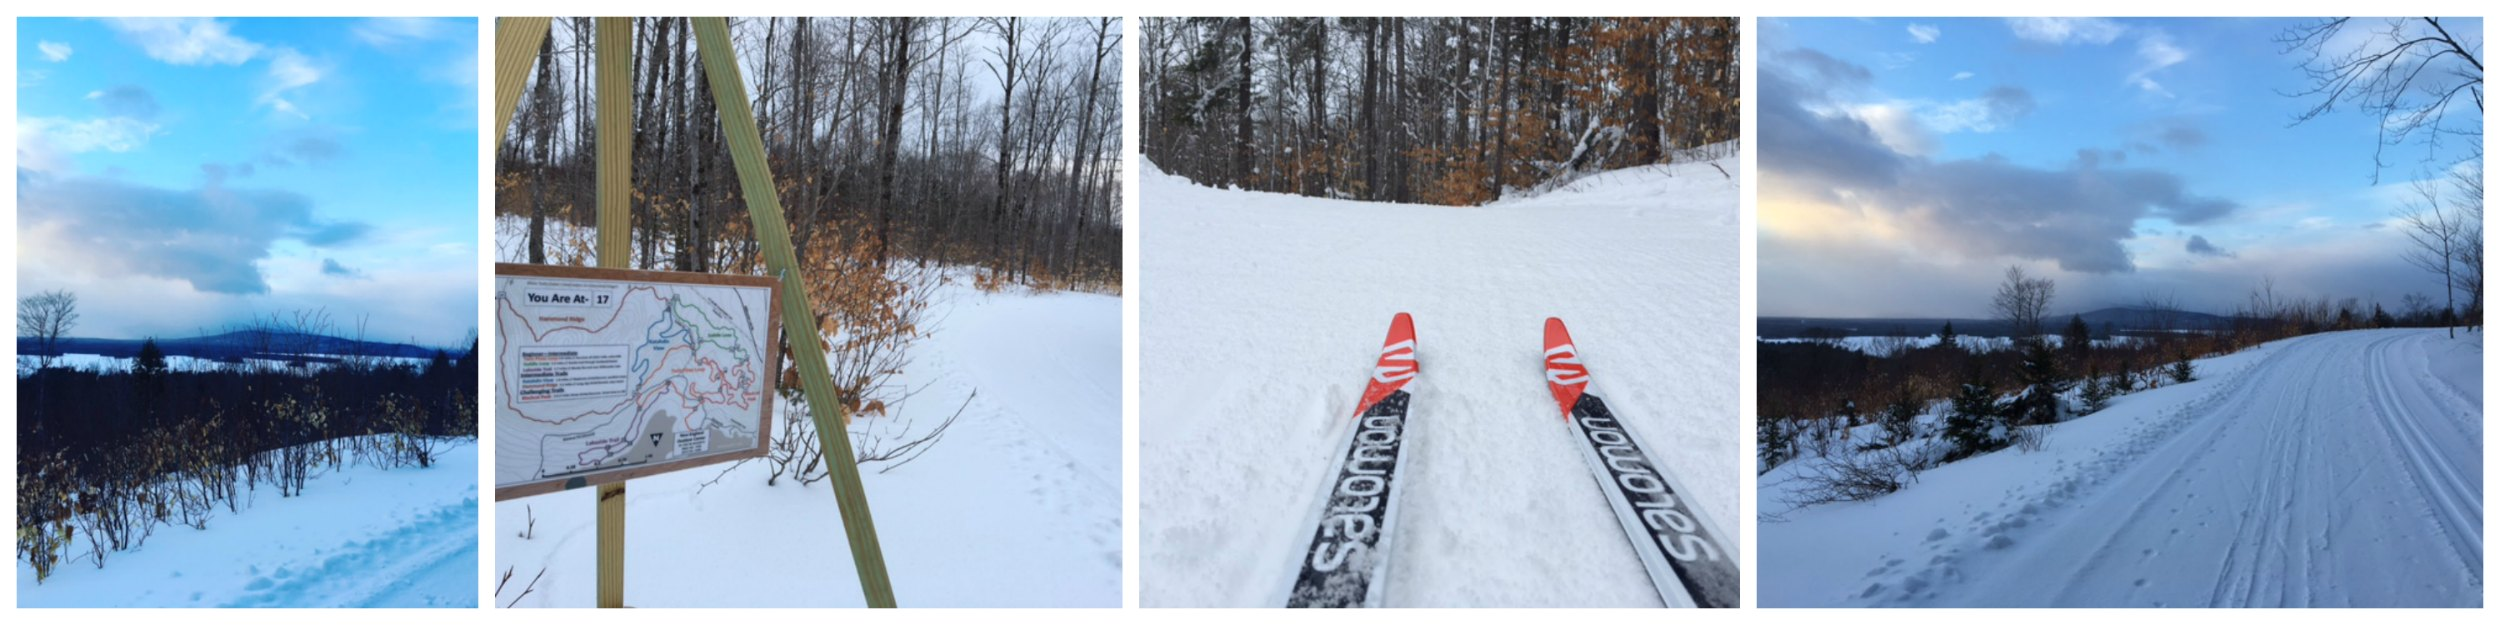 Ski Pic NEOC